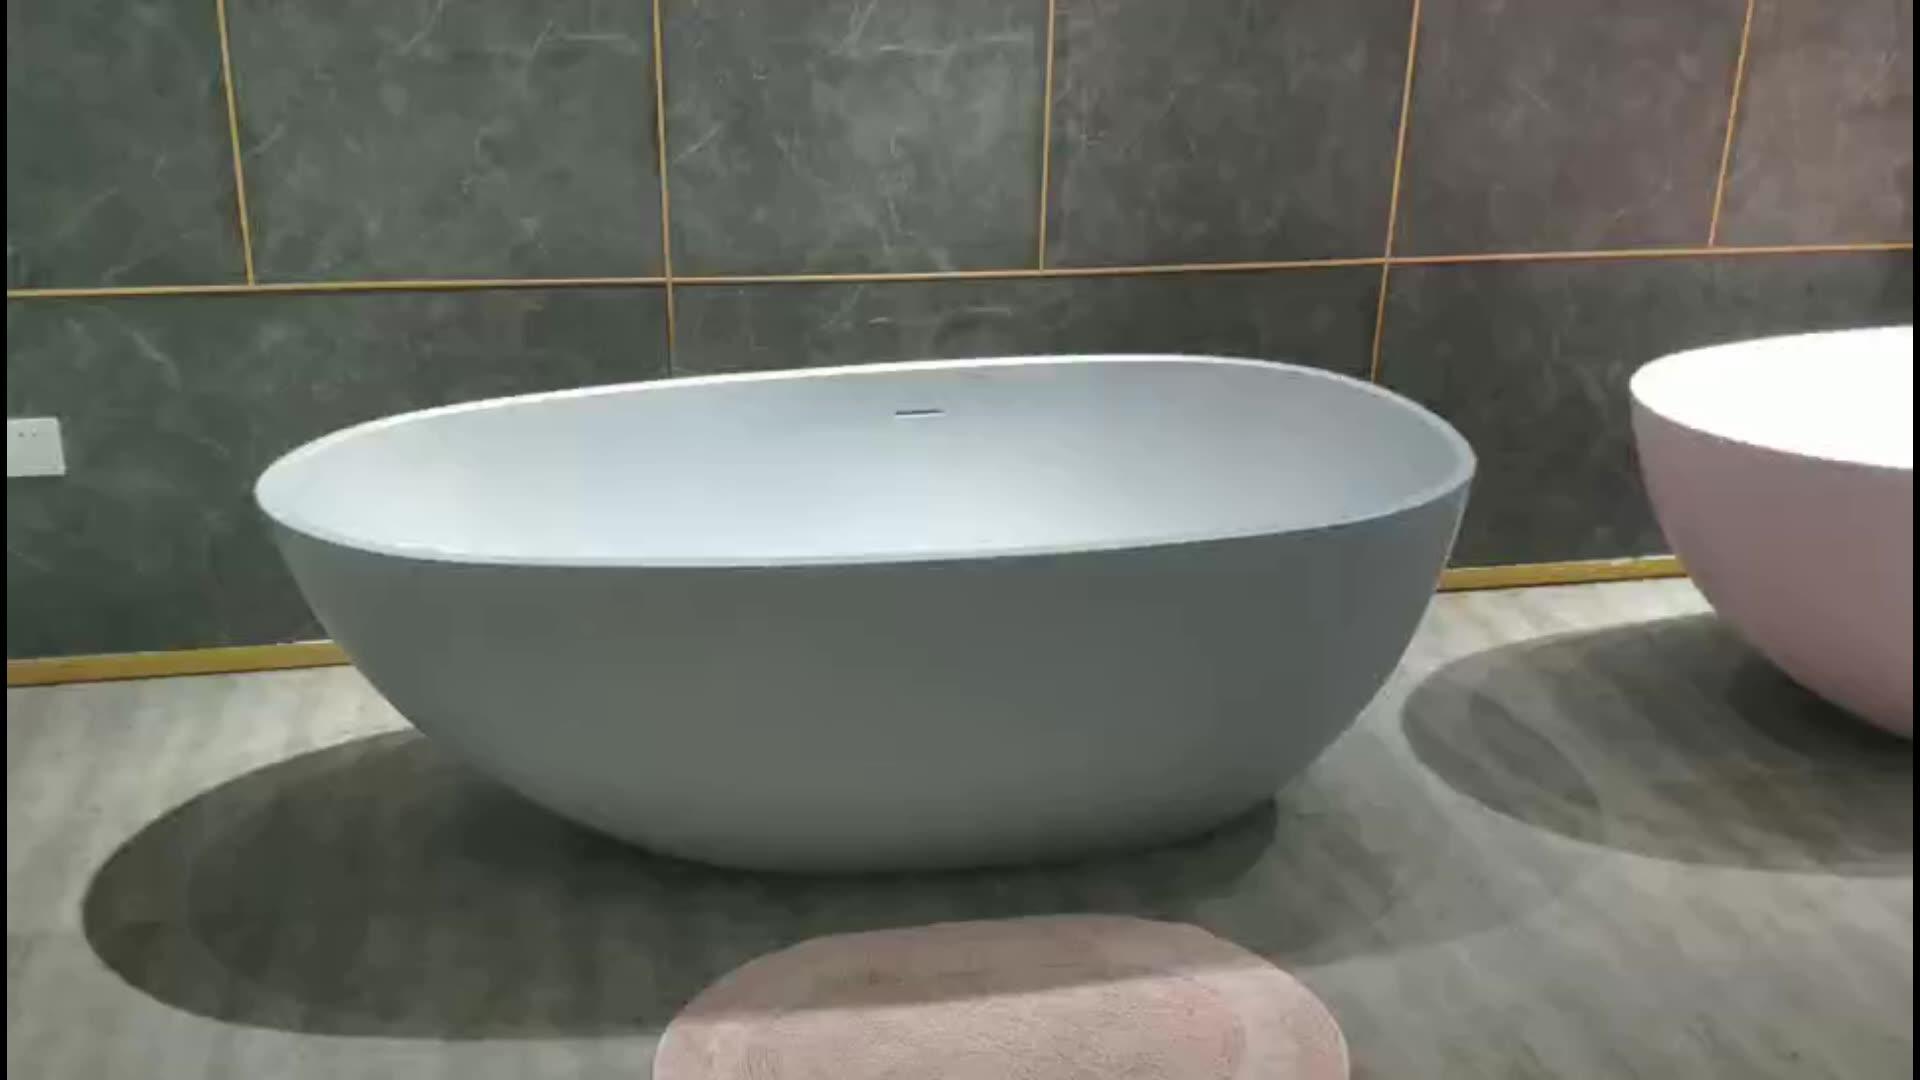 Bañera independiente superficie sólida bañera piedra Artificial bañera